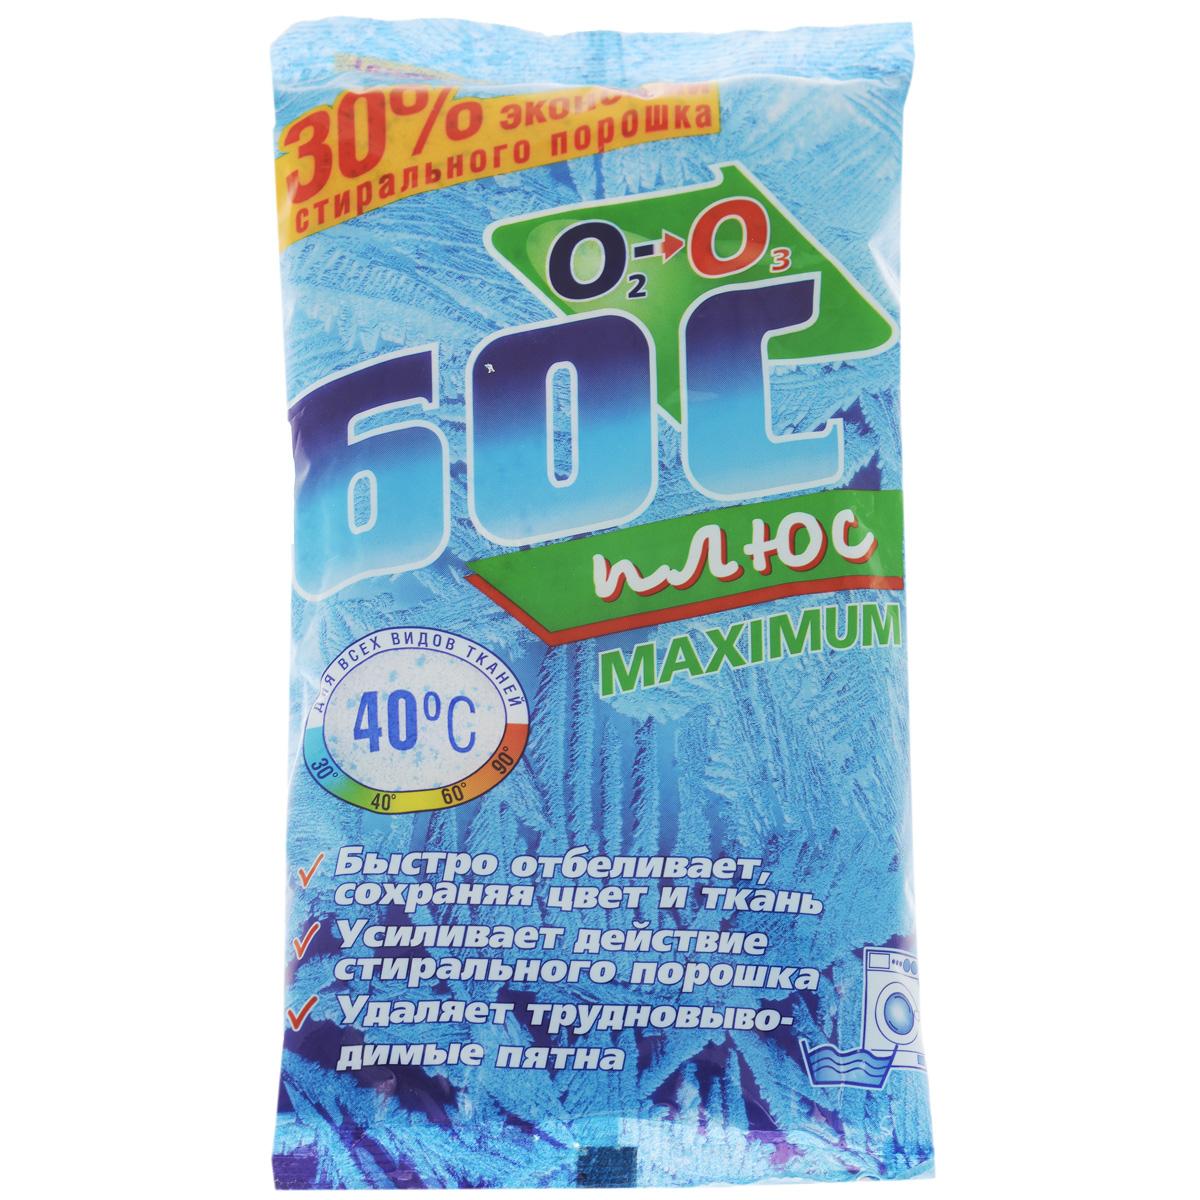 Средство отбеливающее Аист Бос-плюс maximum, 250 г4302000001Средство Аист Бос-плюс maximum предназначено для отбеливания хлопчатобумажных, льняных, смесевых, синтетических тканей, а также дезинфицирования тканей и поверхностей. Усиленная формула с максимальным содержанием кислорода специально разработана для отбеливания без кипячения всех видов тканей при низких температурах (30° - 50°C). Аист Бос-плюс maximum обеспечивает мягкое воздействие на ткань и сохраняет цвет, а вам гарантирует безопасность. Средство Аист Бос-плюс maximum: - удаляет трудновыводимые пятна; - не требует кипячения; - удаляет любые неприятные запахи; - прекрасно действует в сочетании с любым стиральным порошком; - свободен от хлора; - обладает дезинфицирующим действием в отношении кишечной палочки, стафилококка и других видов бактерий.Состав: 30,0% кислородосодержащий отбеливатель. Дополнительно: оптический отбеливатель, ароматические добавки. Товар сертифицирован.